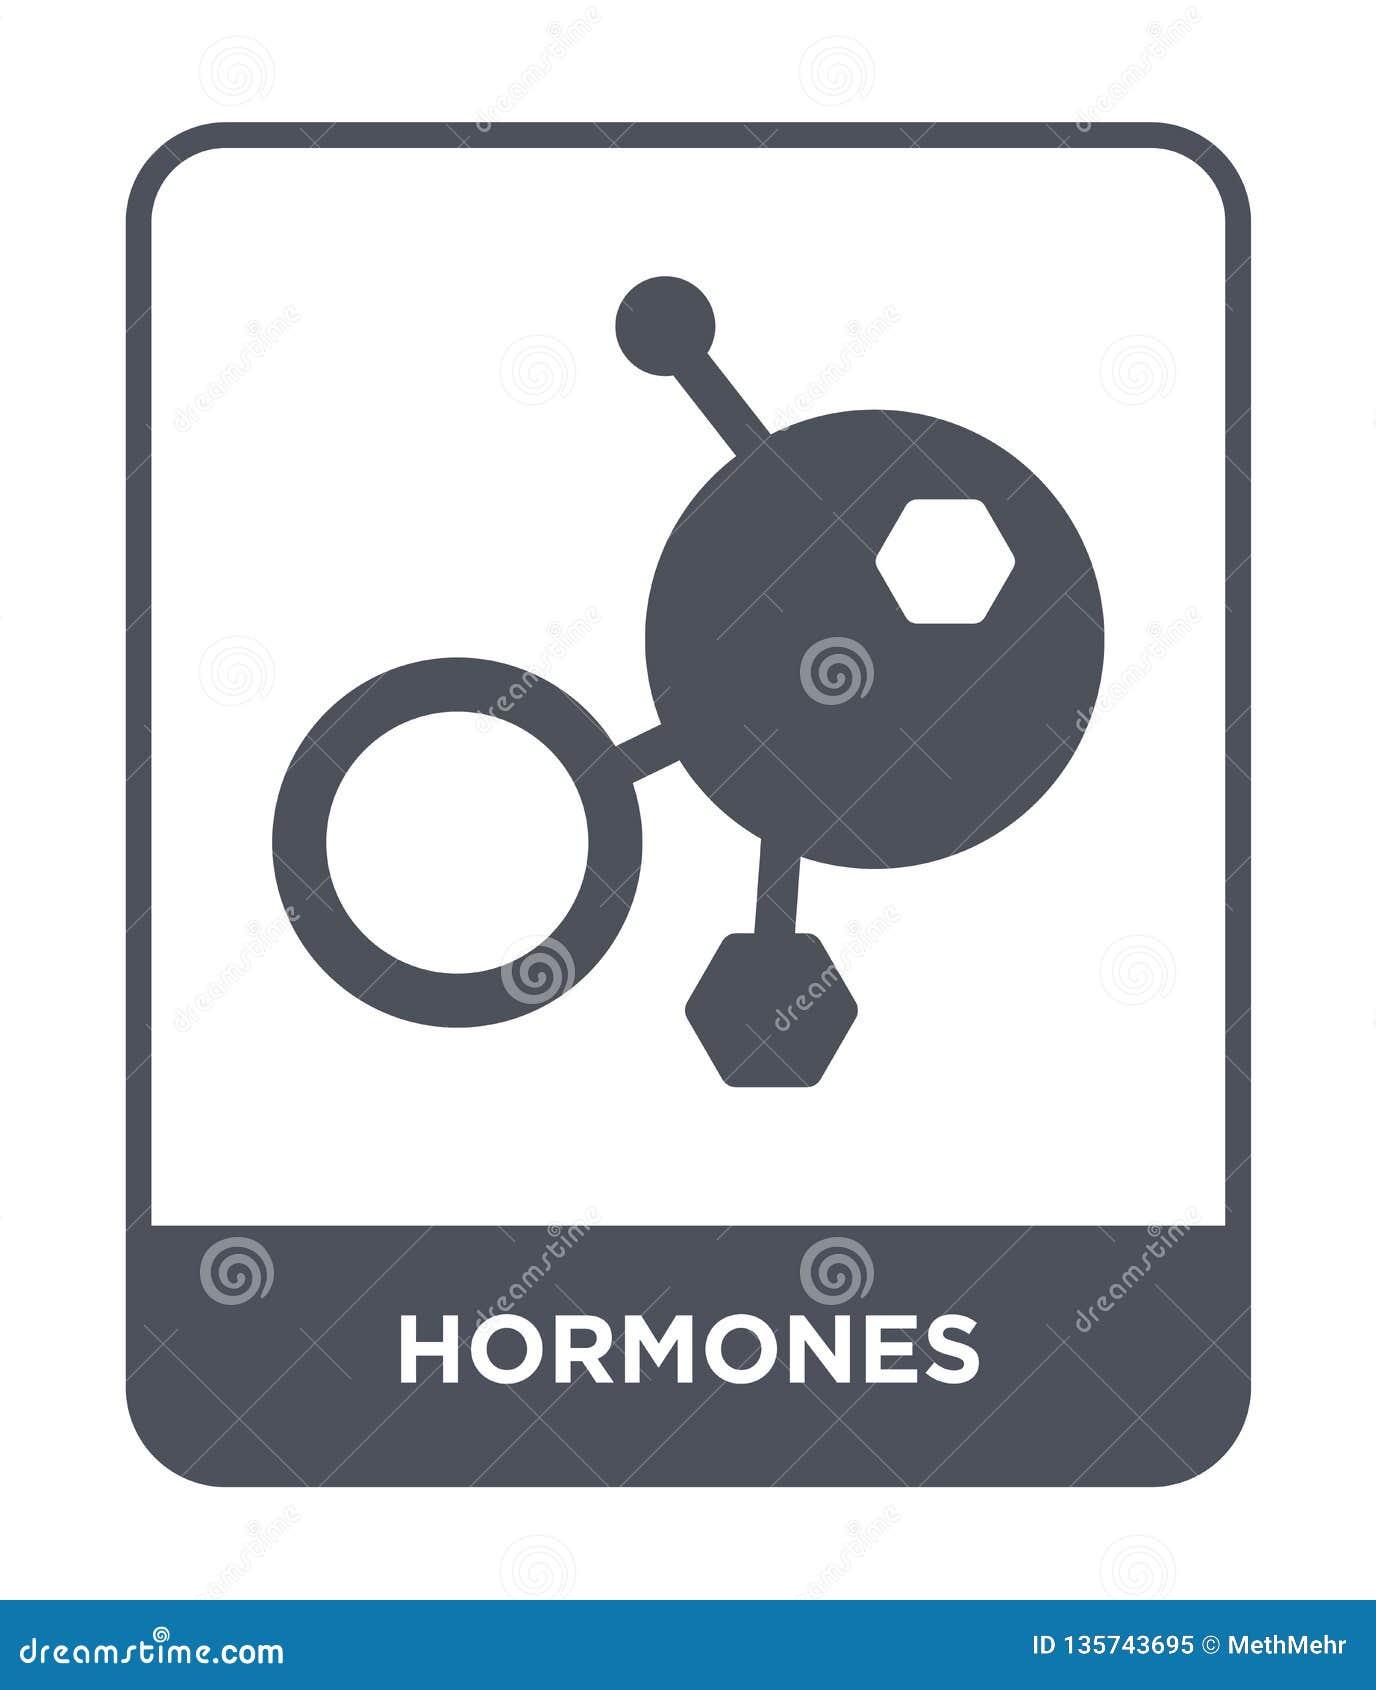 Icona degli ormoni nello stile d avanguardia di progettazione icona degli ormoni isolata su fondo bianco piano semplice e moderno